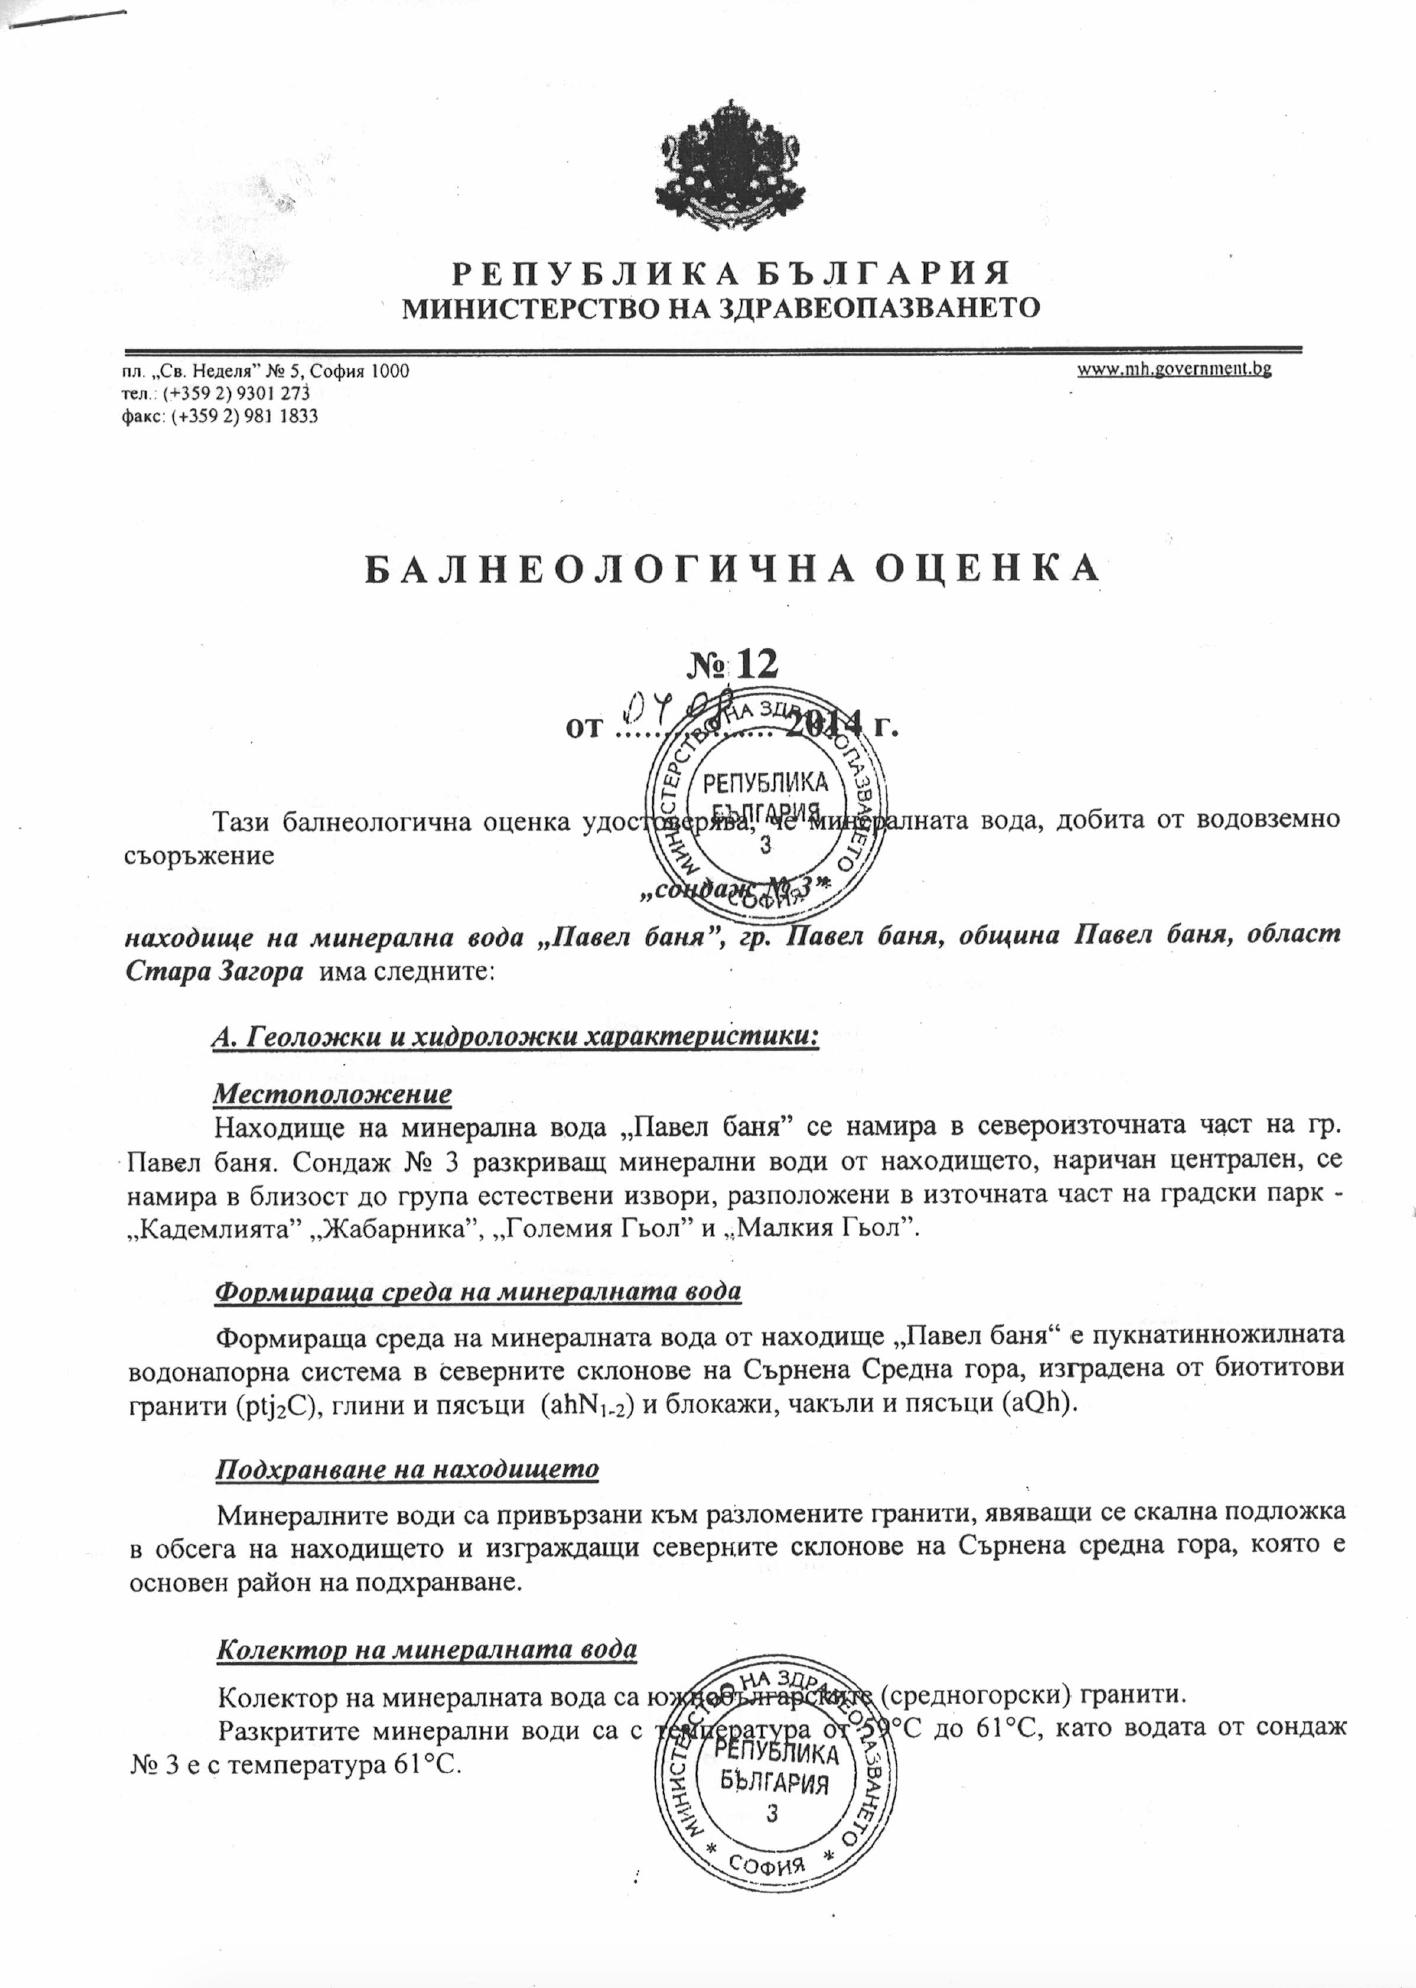 water_certificate_p1.png